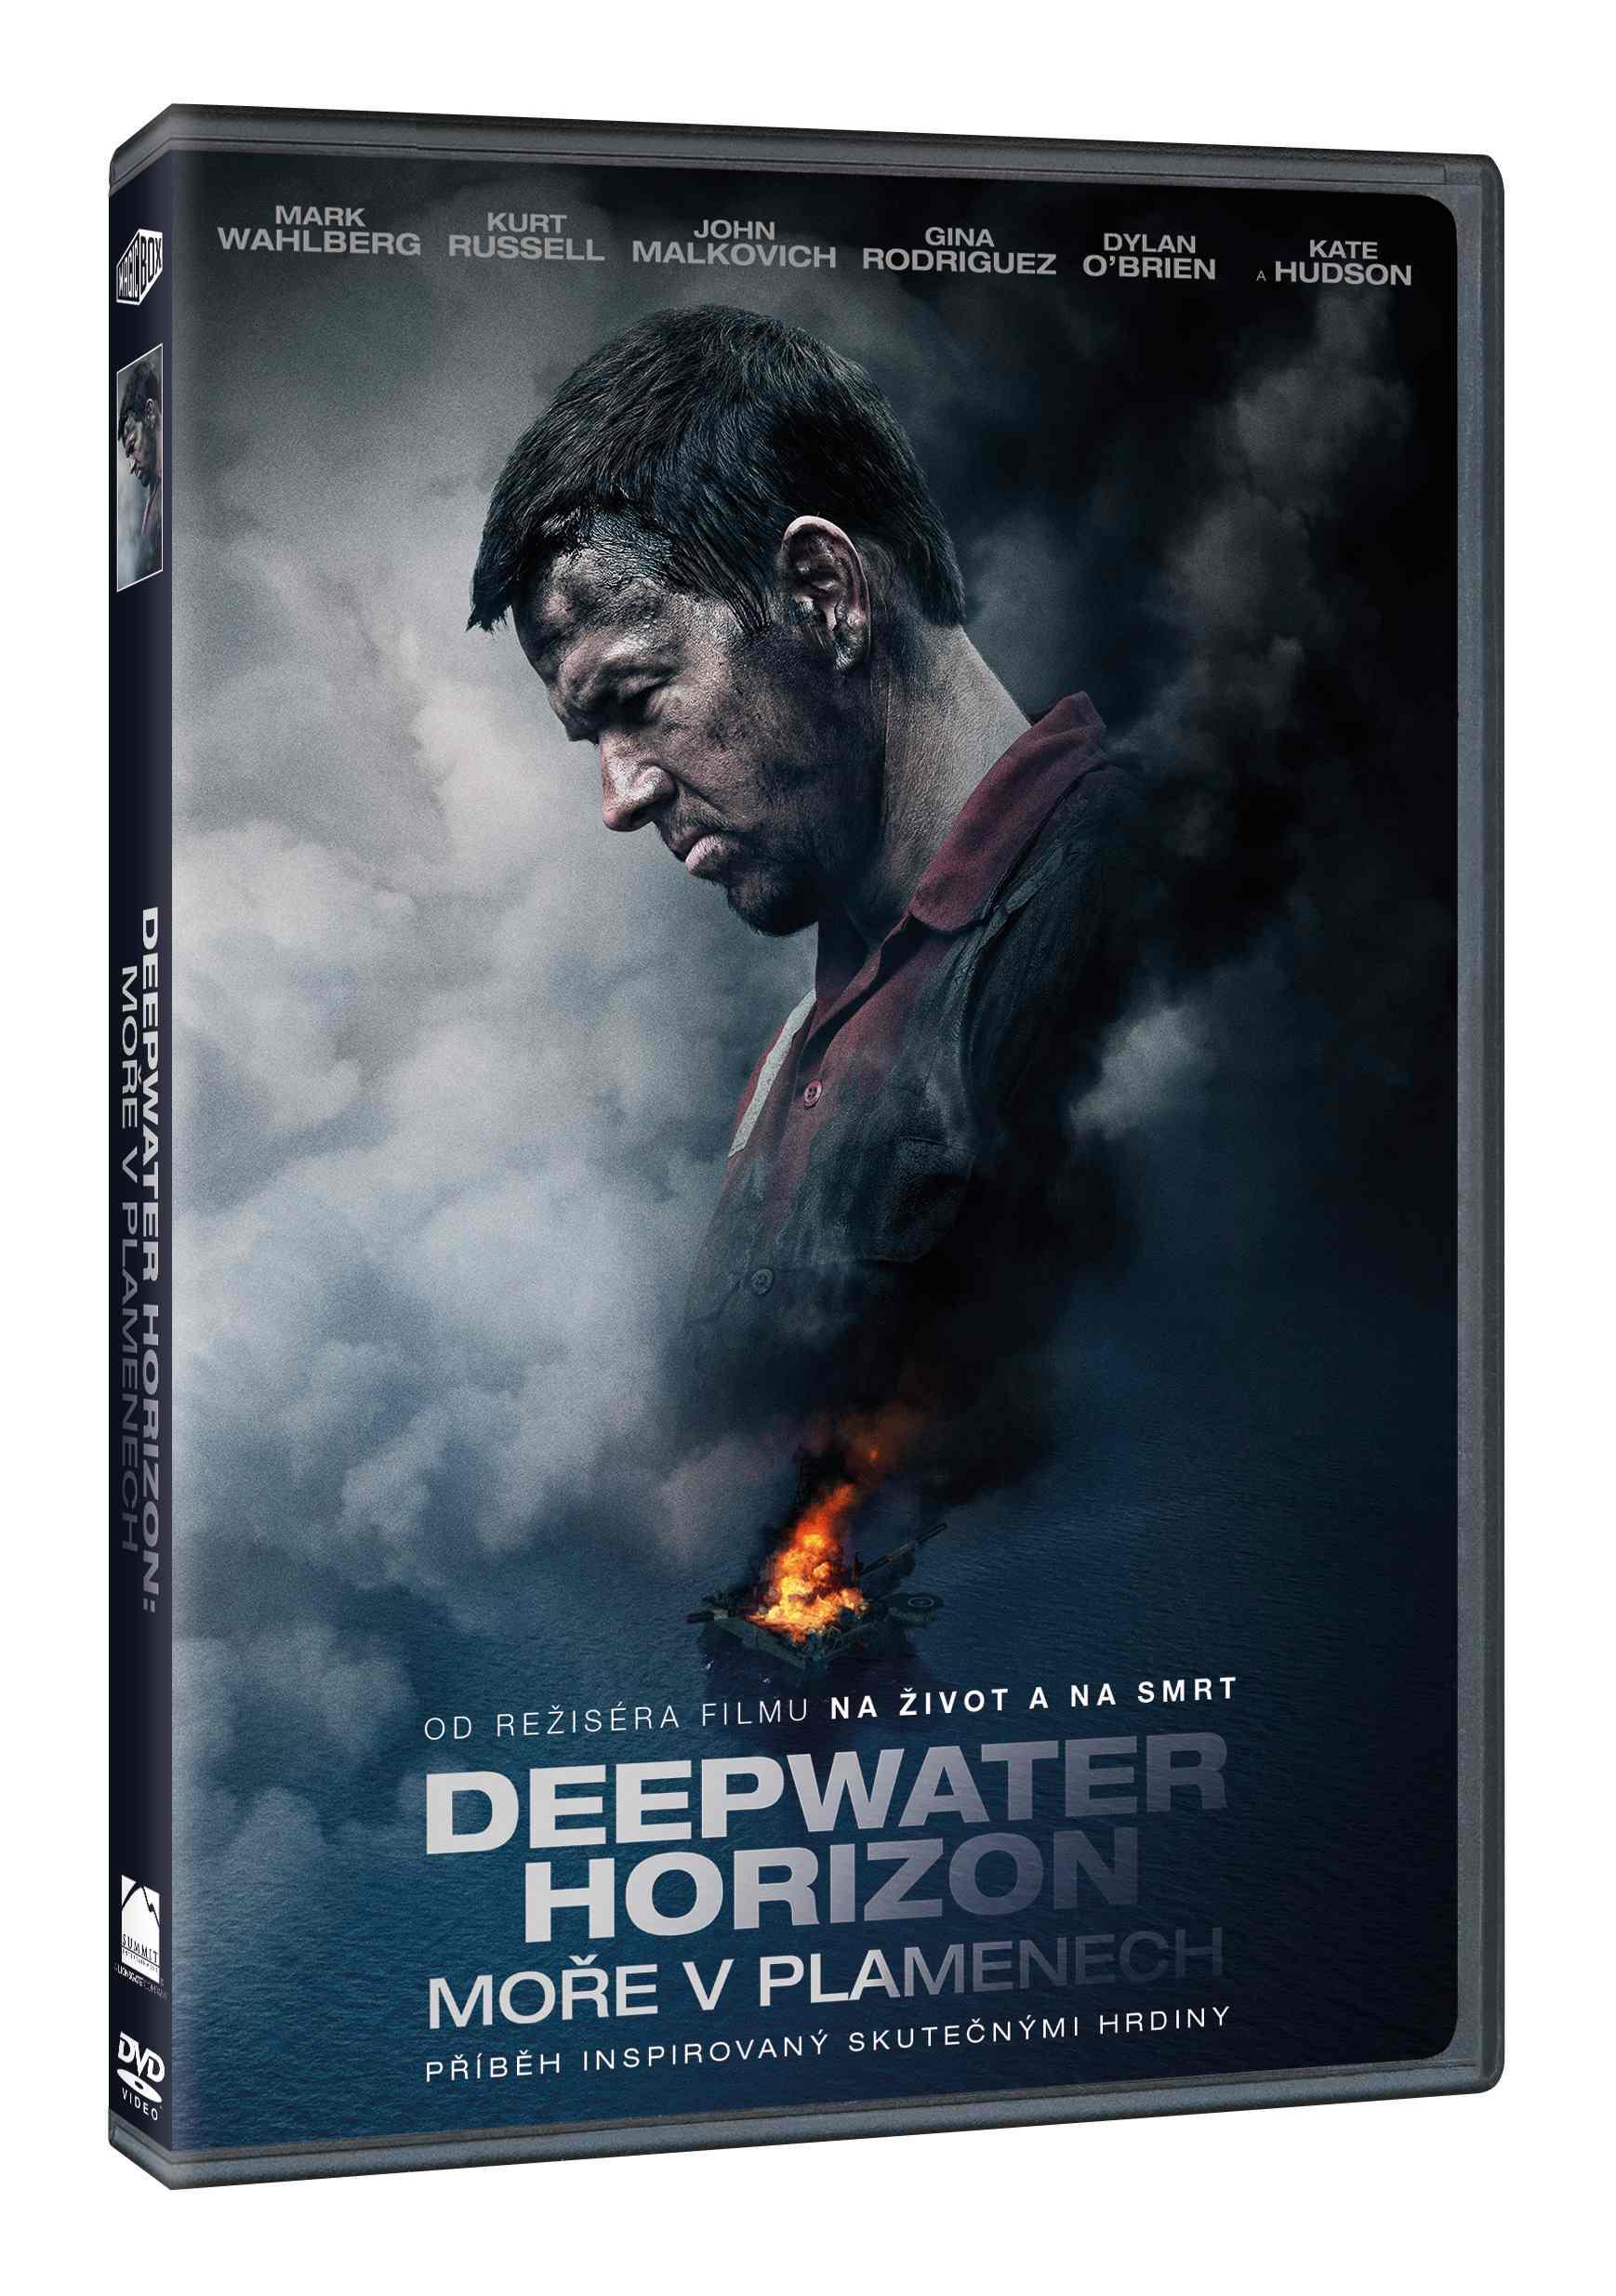 DEEPWATER HORIZON: MOŘE V PLAMENECH - DVD